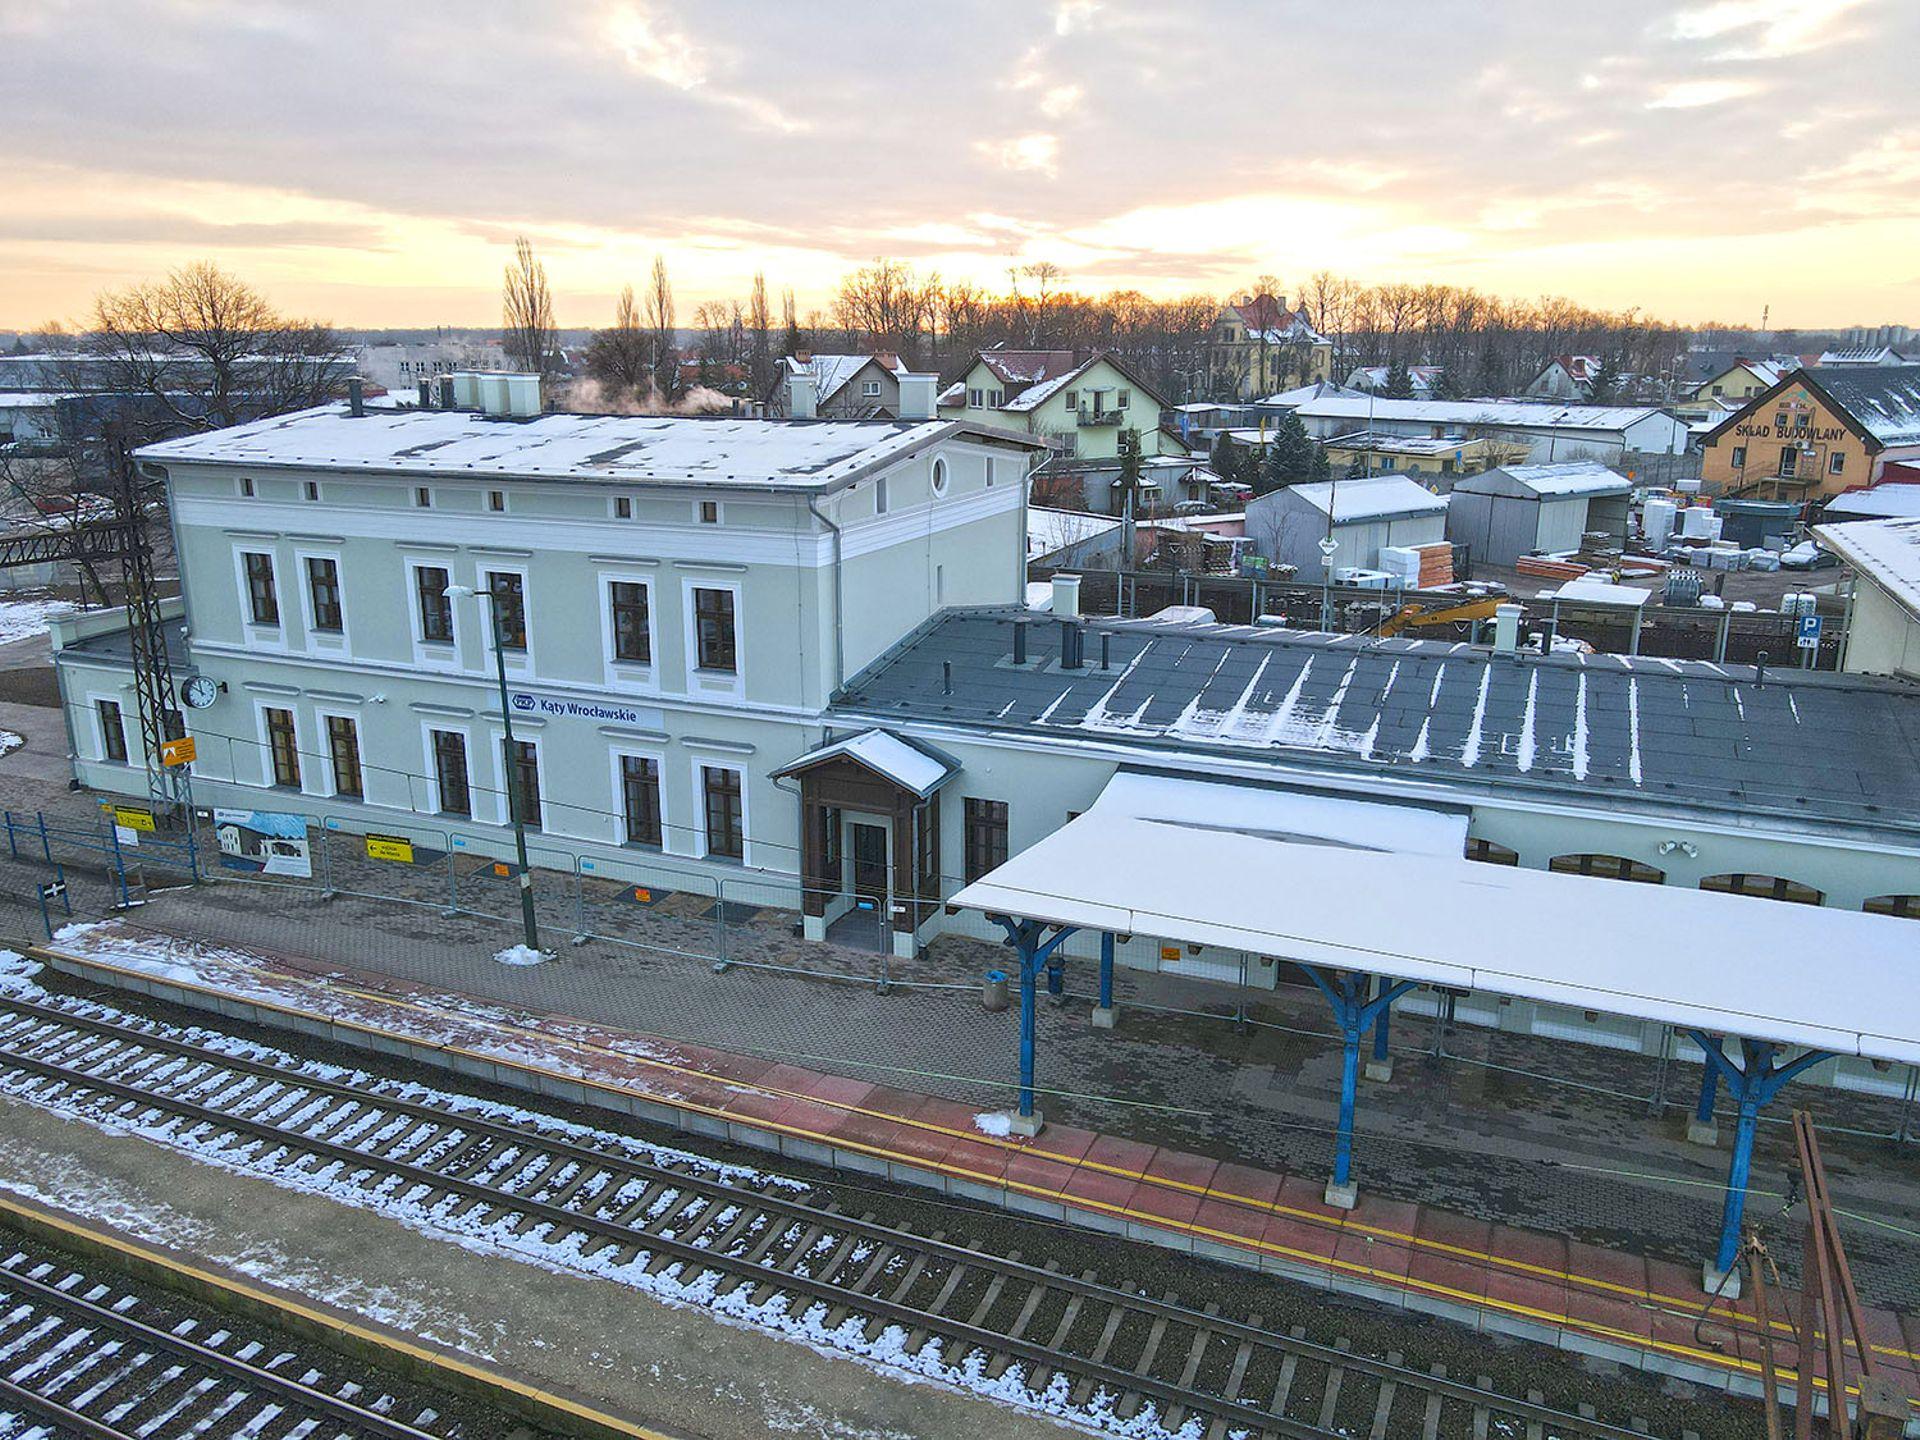 Zaawansowane prace przebudowy dworca kolejowego w Kątach Wrocławskich